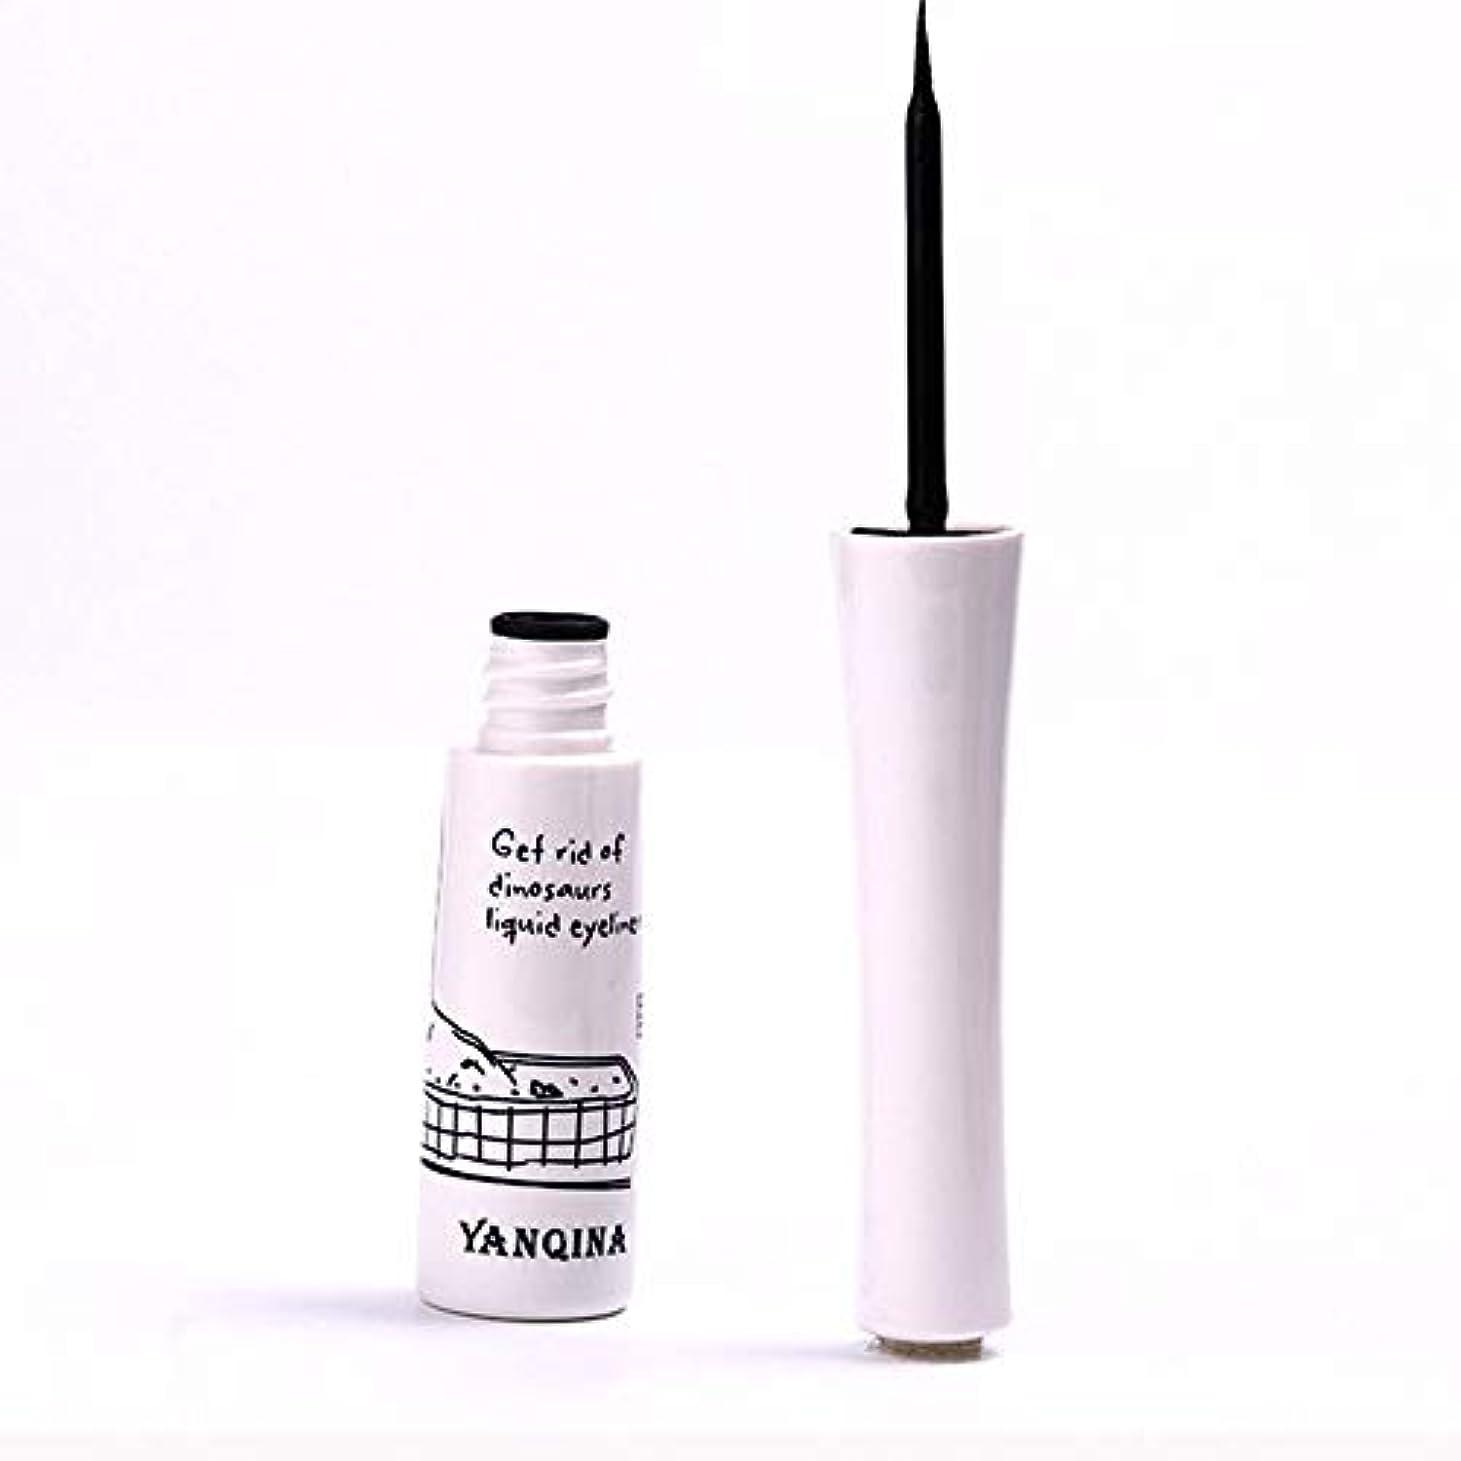 スキームポットフィードオン黒いアイライナーの防水液体のアイライナーの鉛筆のペンは特徴を構成します